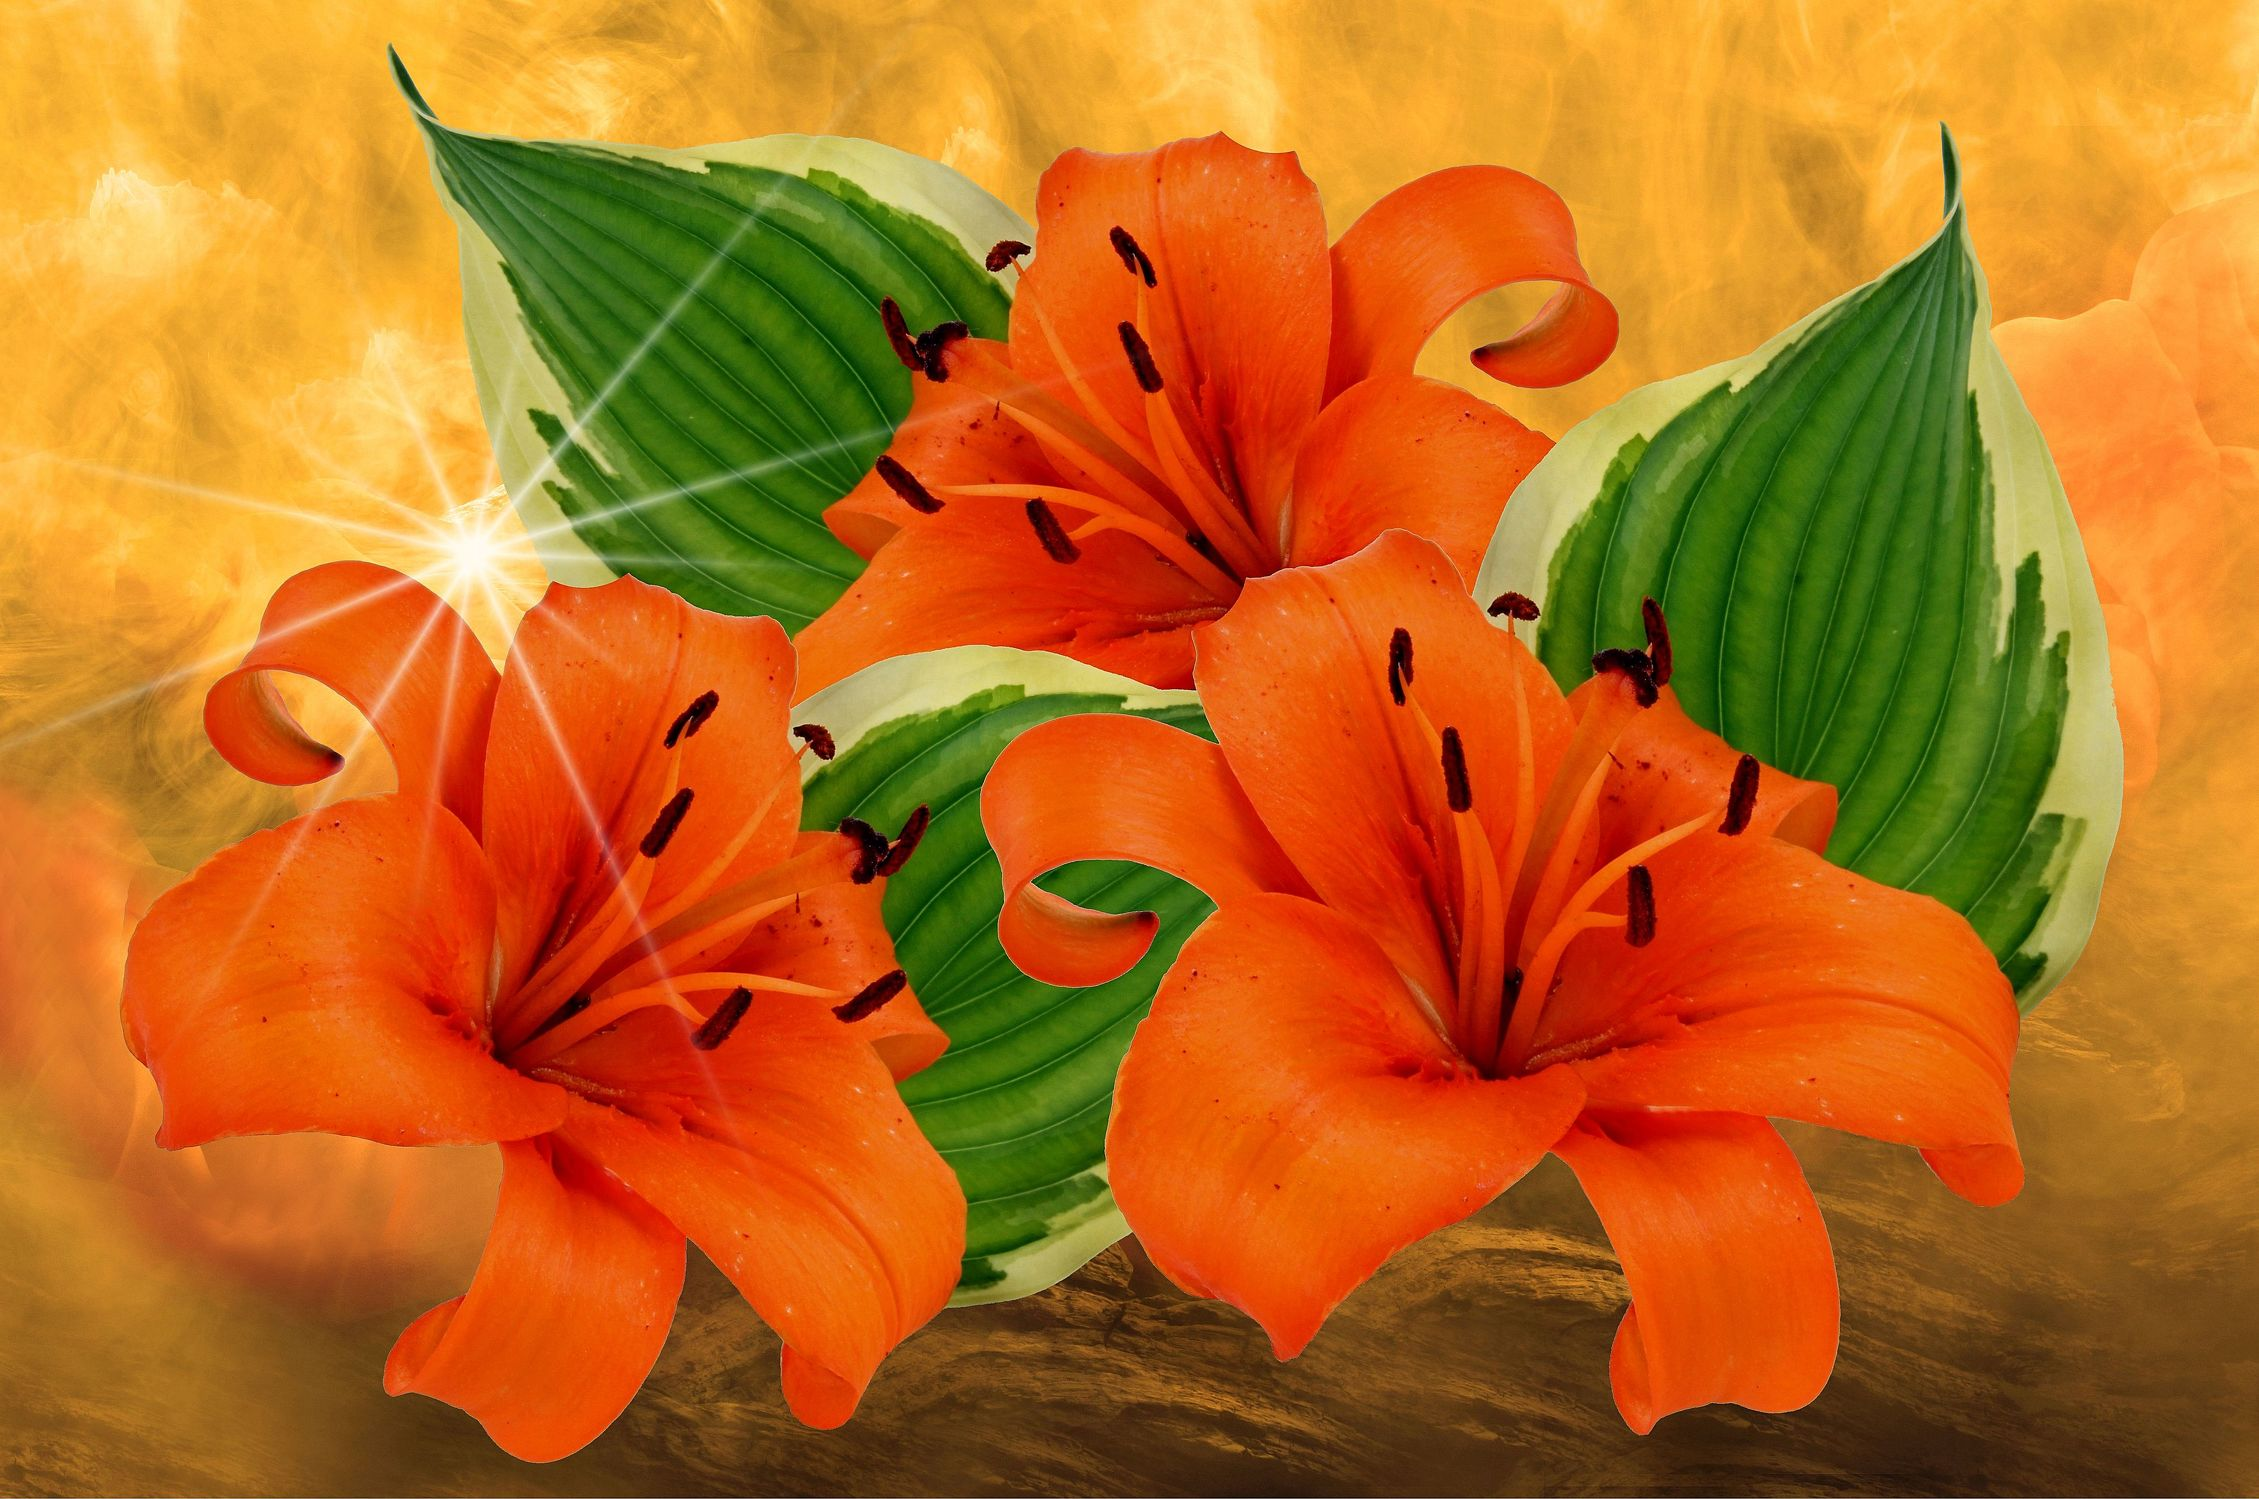 Bild mit Orange, Pflanzen, Himmel, Wolken, Blumen, Nebel, Blätter, Blume, Pflanze, Blatt, Lilie, Lilien, Floral, Stilleben, Blüten, Florales, Sterne, romantisch, stern